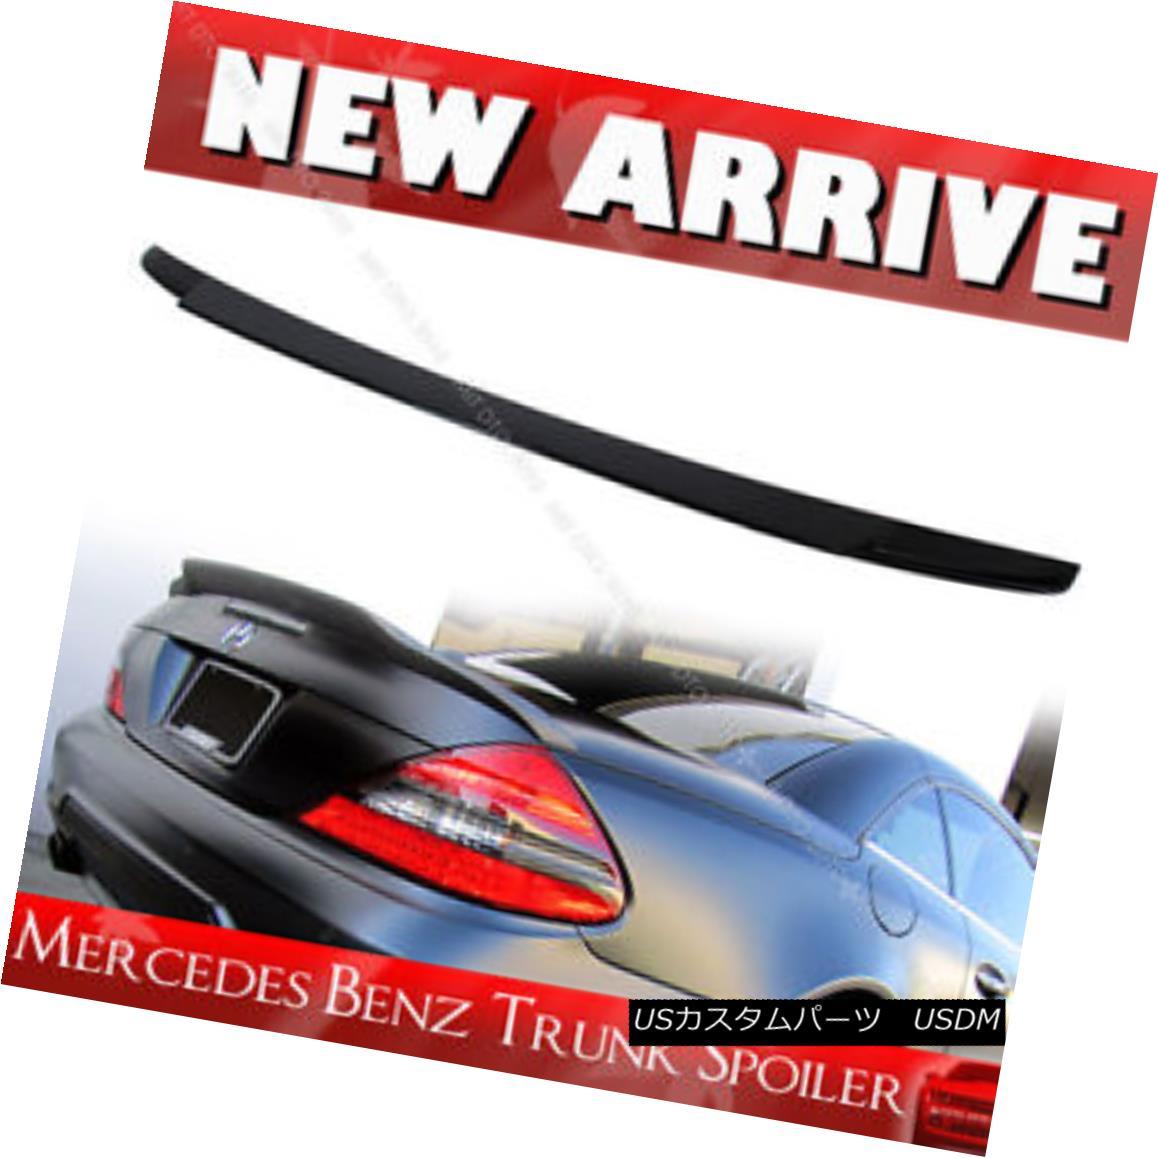 エアロパーツ Mercedes Benz Convertible R230 V Look Rear Trunk Spoiler 2011 Unpainted メルセデス・ベンツ・コンバーチブルR230 Vルック・リア・トランク・スポイラー2011未塗装